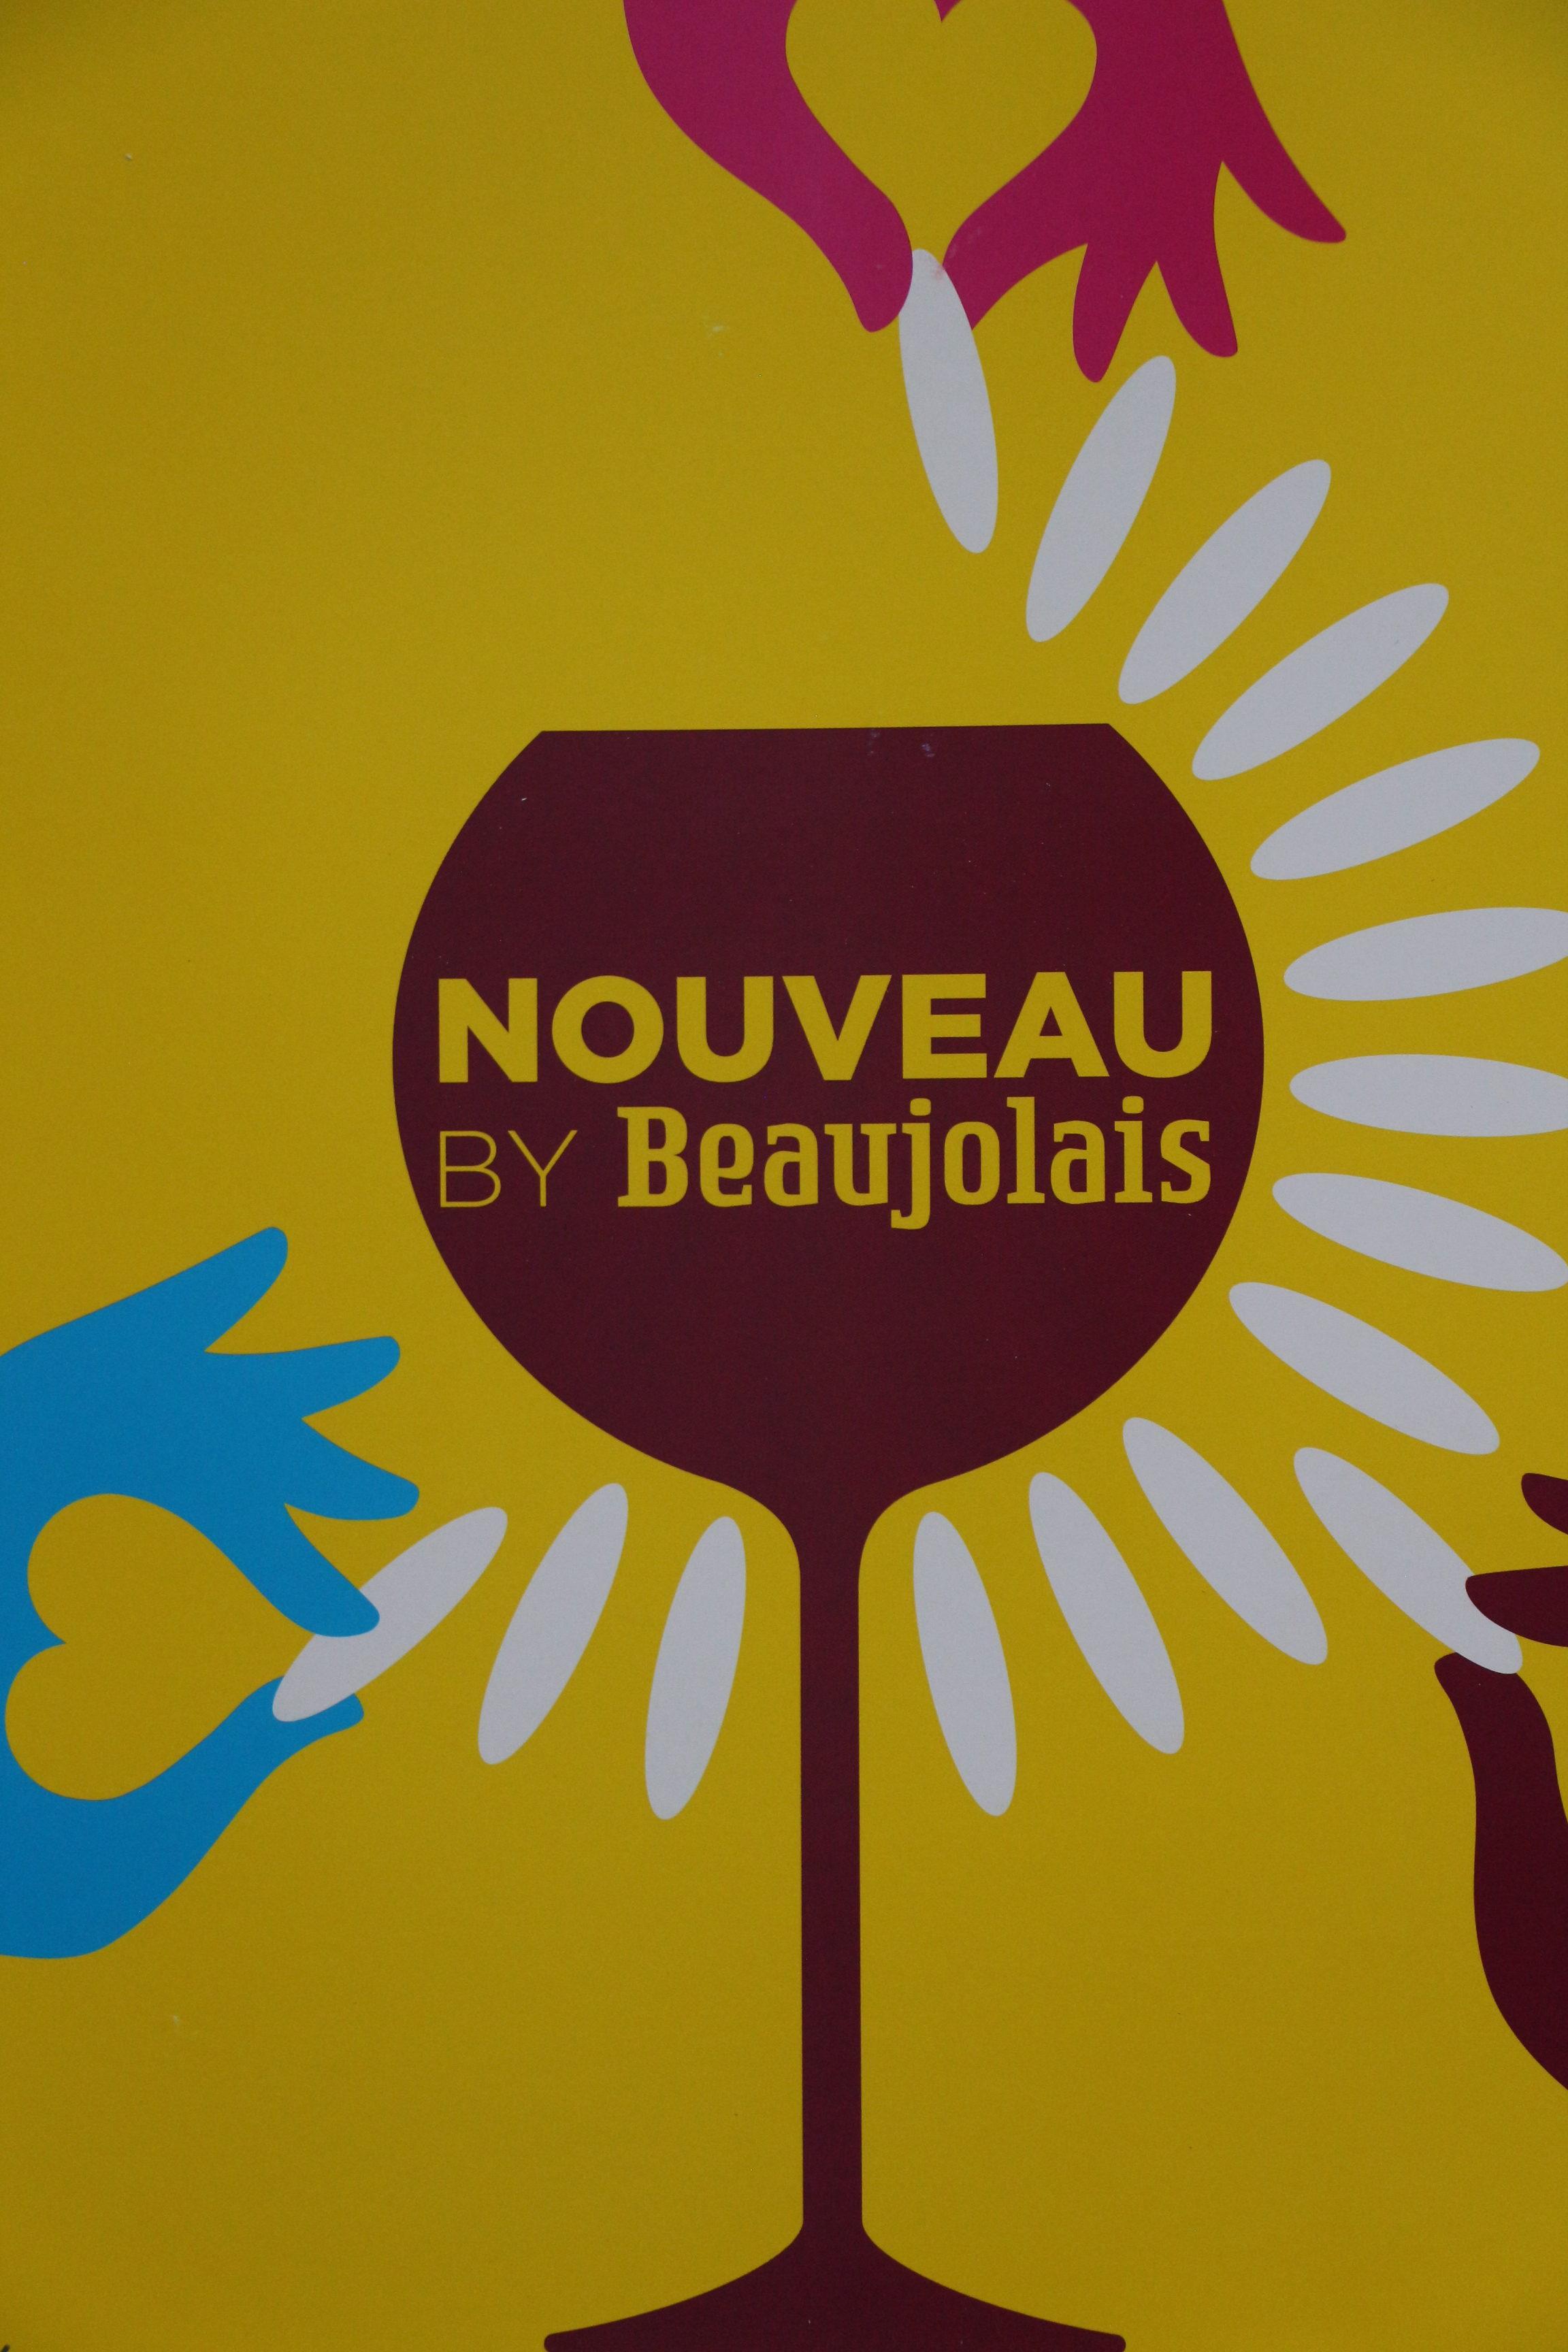 Beaujolais Nouveau 2019 Le Caveau Du Carillon 59740 Liessies